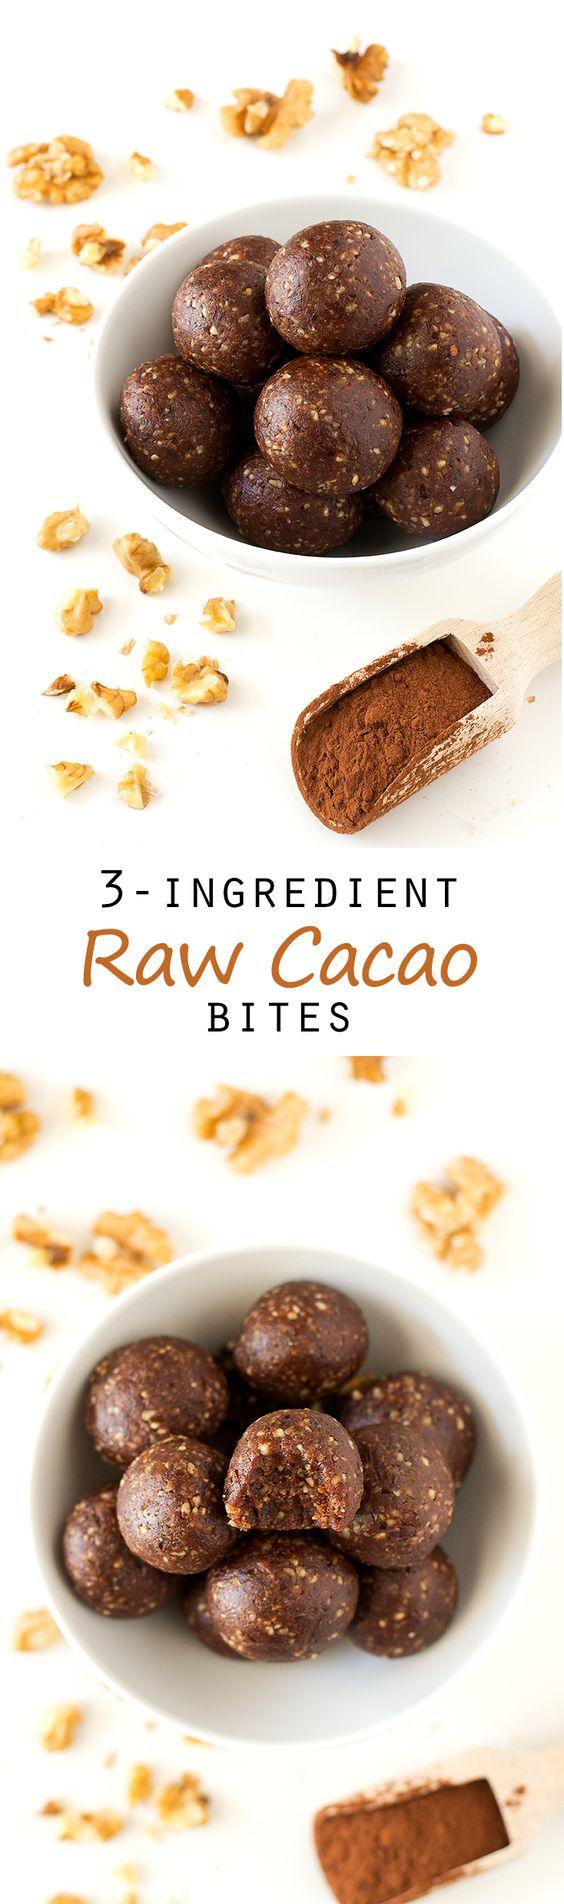 3-Ingredient Raw Cacao Bites #vegan #glutenfree